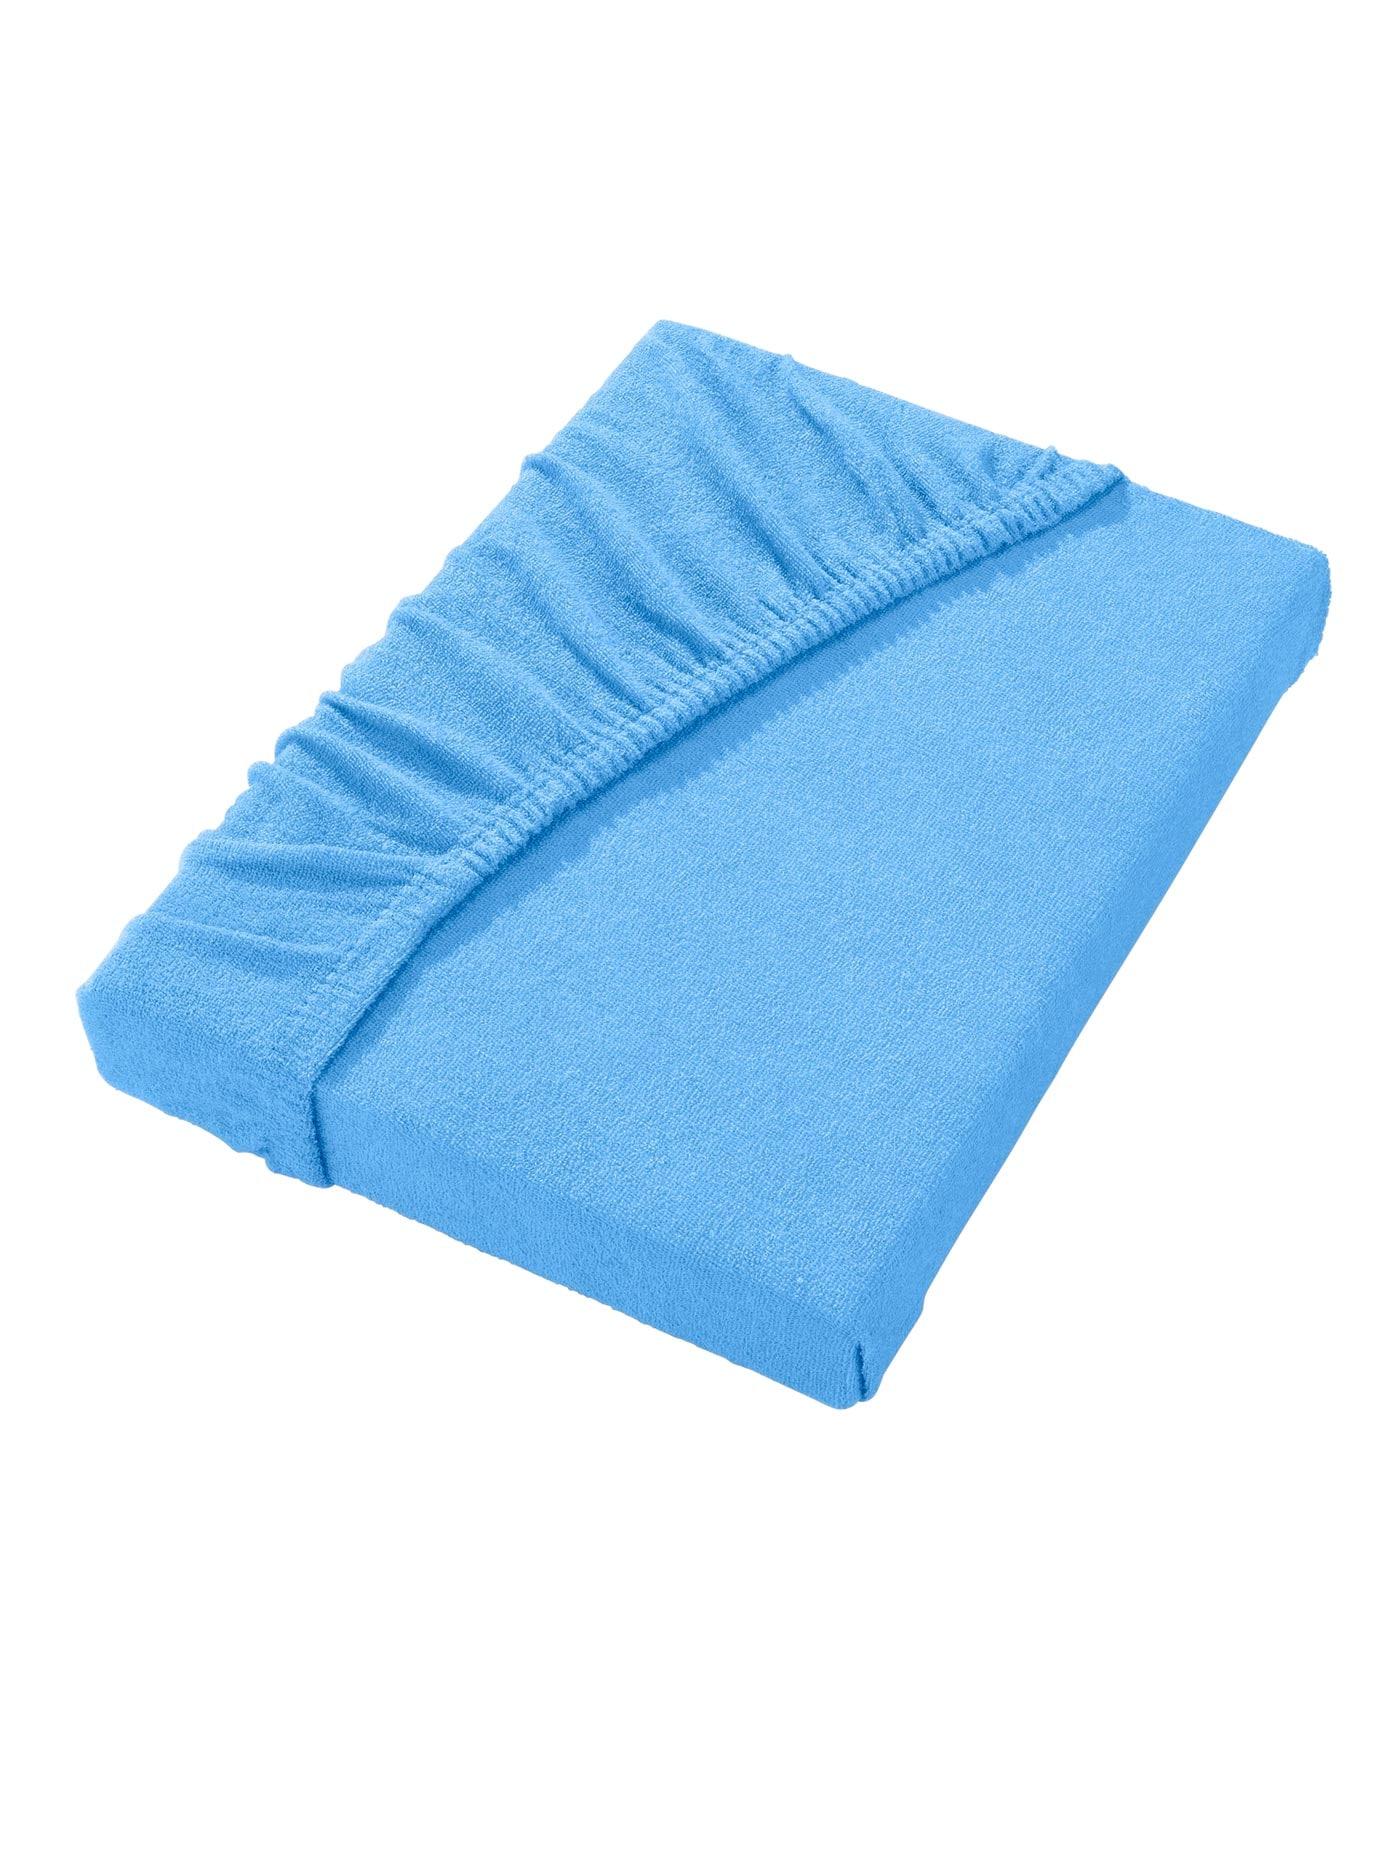 Frottee-Stretch-Spannbetttuch